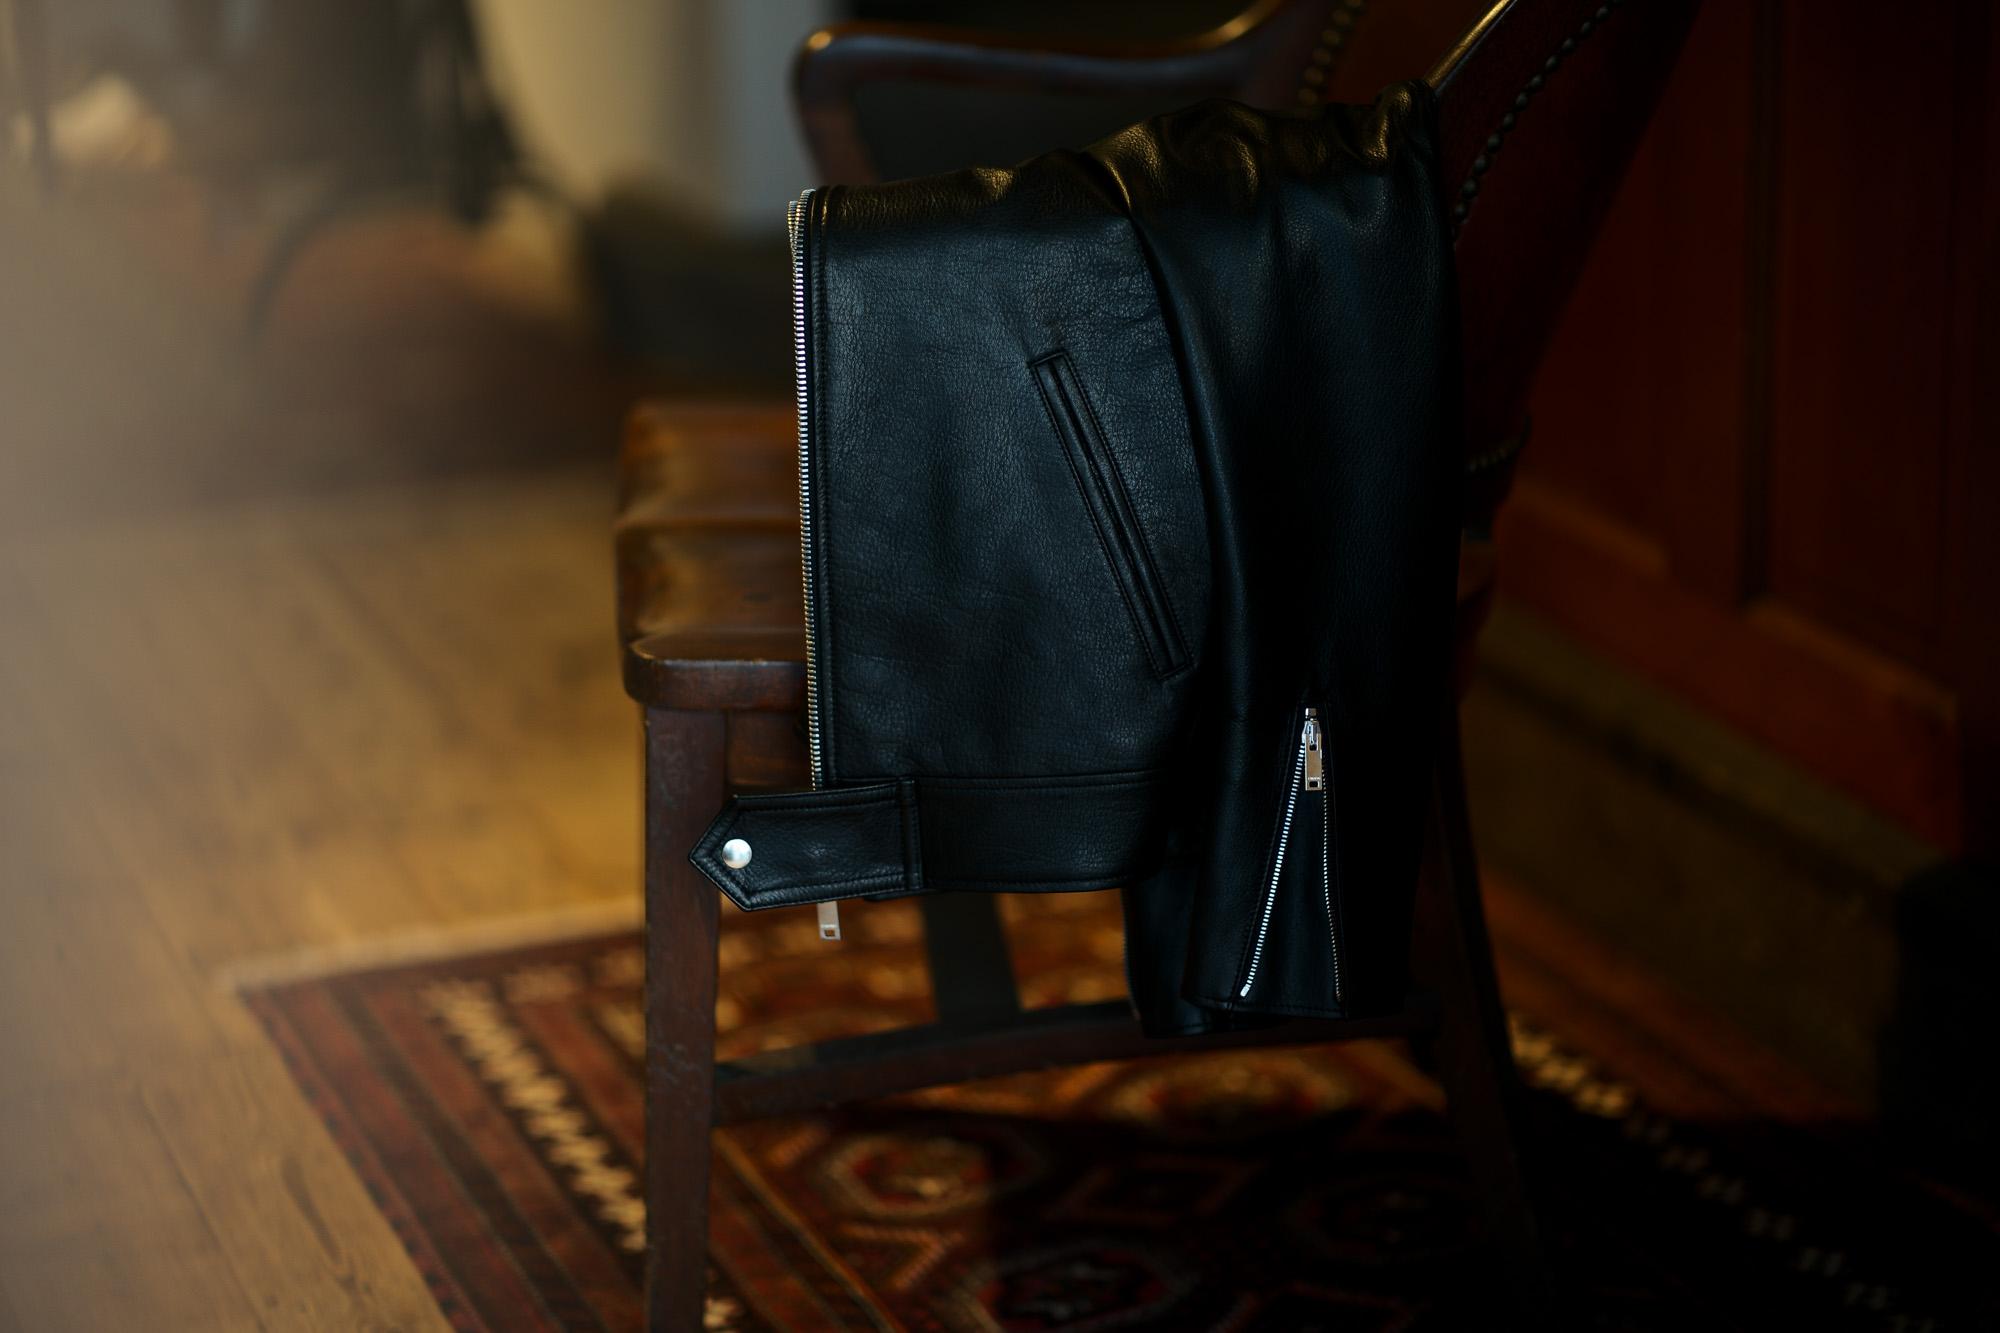 Cuervo (クエルボ) Satisfaction Leather Collection (サティスファクション レザー コレクション) TOM (トム) BUFFALO LEATHER (バッファロー レザー) シングル ライダース ジャケット BLACK (ブラック) MADE IN JAPAN (日本製) 2019 春夏新作 クエルボ レザージャケット 愛知 名古屋 alto e diritto アルトエデリット セレクトショップ